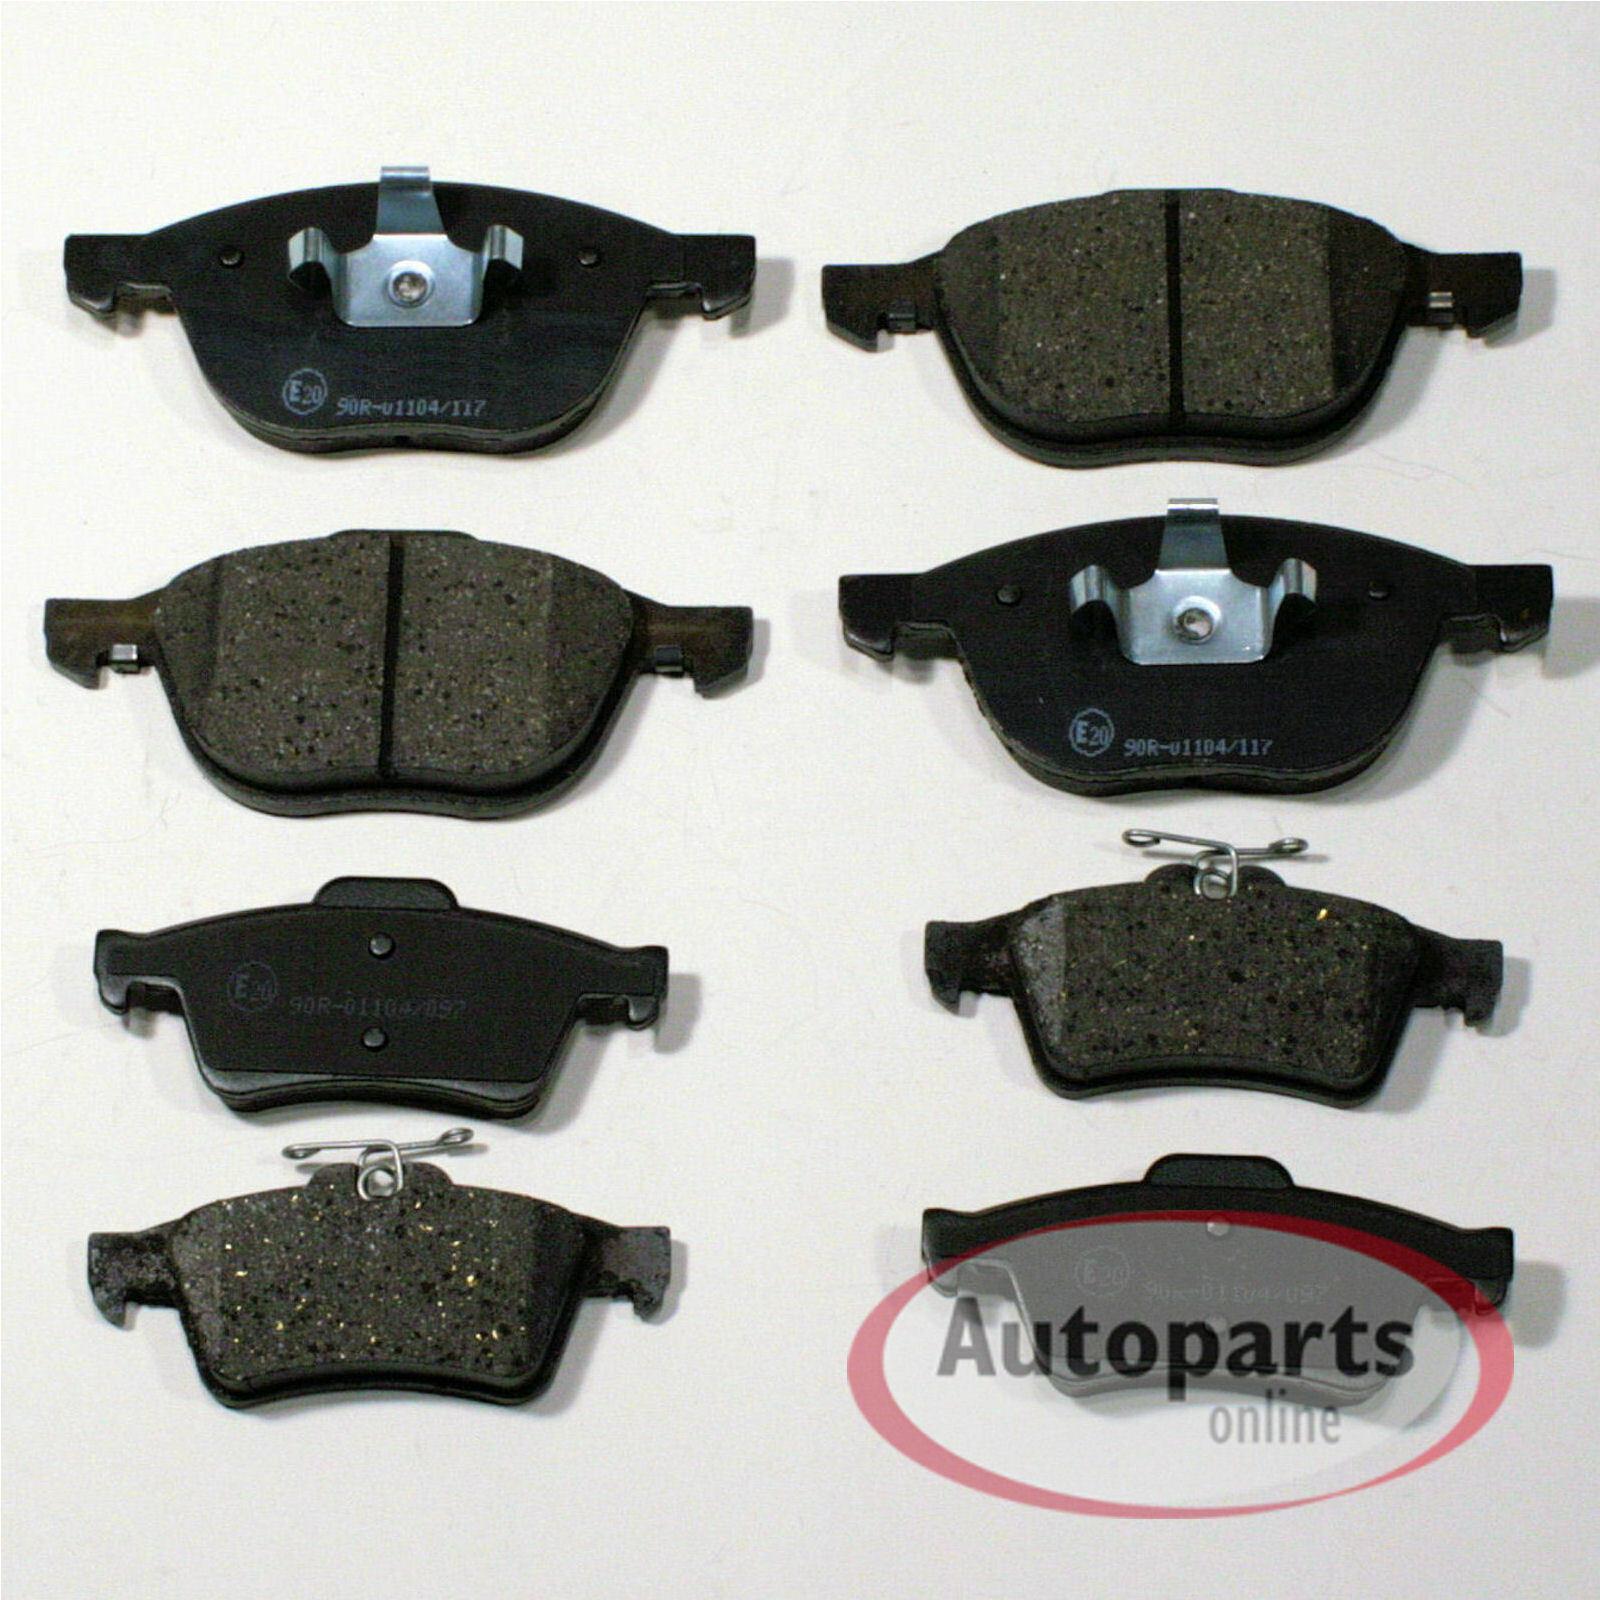 Volvo V50 - Bremsscheiben Bremsbeläge Bremsen für vorne und hinten